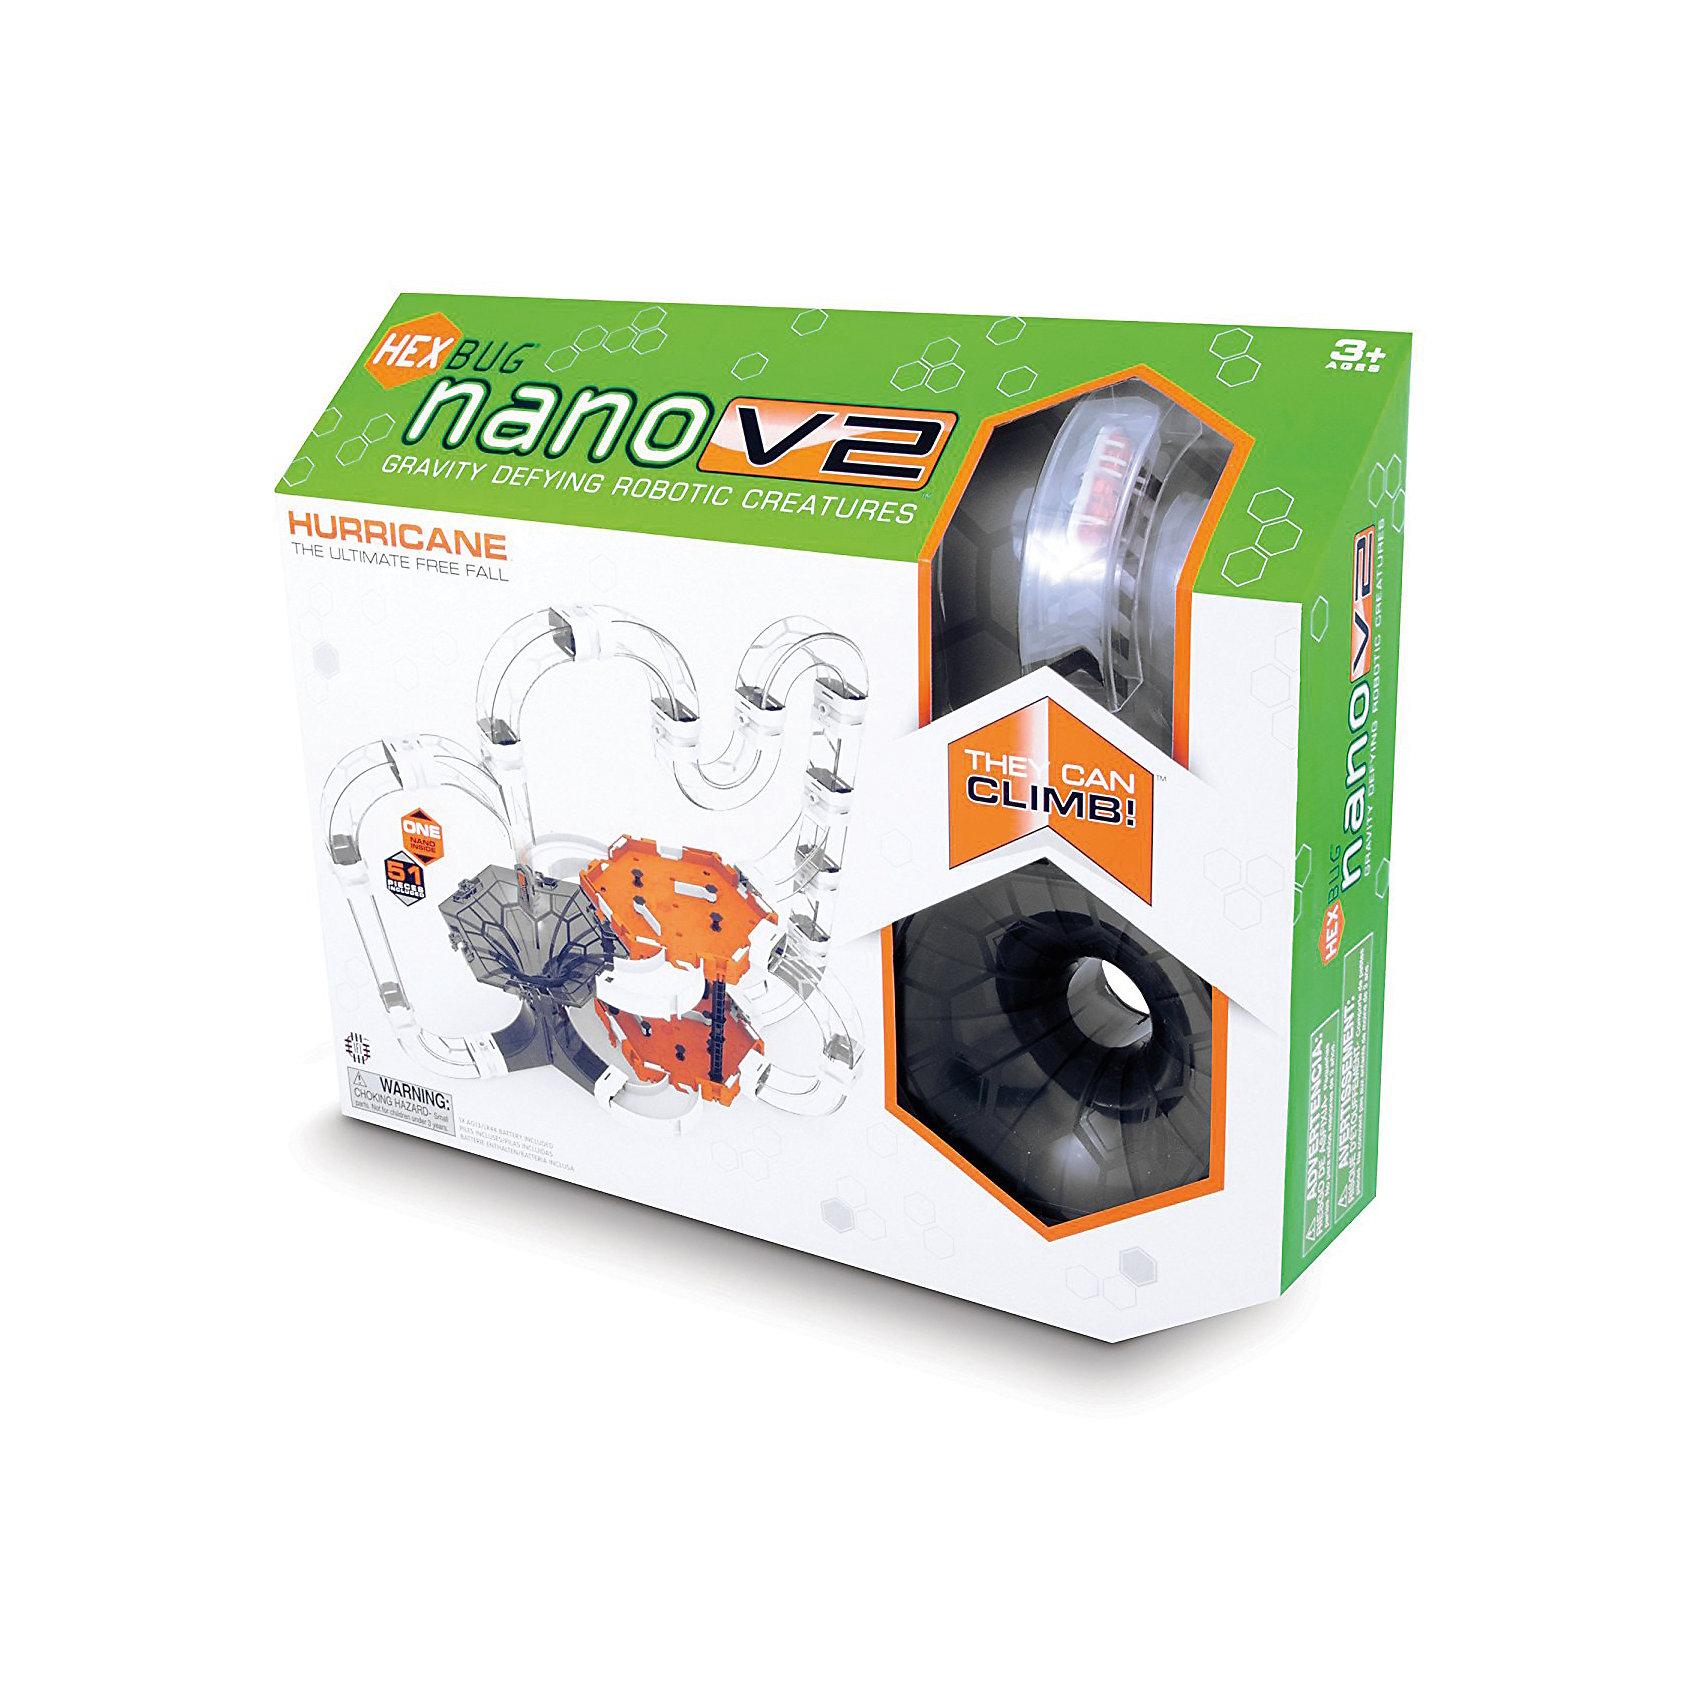 Нано V2 Харикейн сэт - большой игровой набор для Нано V2, HexbugИнтерактивные игрушки для малышей<br>Нано V2 Харикейн сэт - большой игровой набор для Нано V2, Hexbug (Хексбаг)<br><br>Характеристики:<br><br>• разветвленная система туннелей<br>• 2 шестиугольные площадки<br>• микро-робот в комплекте<br>• батарейки: AG13 - 1 шт. (входит в комплект<br>• размер упаковки: 43х35х9 см<br><br>Харикен сэт создан специально для поклонников микро-роботов Нано V2. Конструкция представляет собой огромный лабиринт с множеством тоннелей и двумя площадками. Ваши маленькие жучки будут резвиться на поверхности лабиринта, карабкаться по трубкам и радовать вас своей ловкостью. Главная особенность лабиринта - черная воронка, в которую смогут попасть все жучки. Это представление порадует вас оригинальным исполнением.<br><br>Нано V2 Харикейн сэт - большой игровой набор для Нано V2, Hexbug (Хексбаг) можно купить в нашем интернет-магазине.<br><br>Ширина мм: 350<br>Глубина мм: 90<br>Высота мм: 430<br>Вес г: 1004<br>Возраст от месяцев: 36<br>Возраст до месяцев: 2147483647<br>Пол: Унисекс<br>Возраст: Детский<br>SKU: 5507201